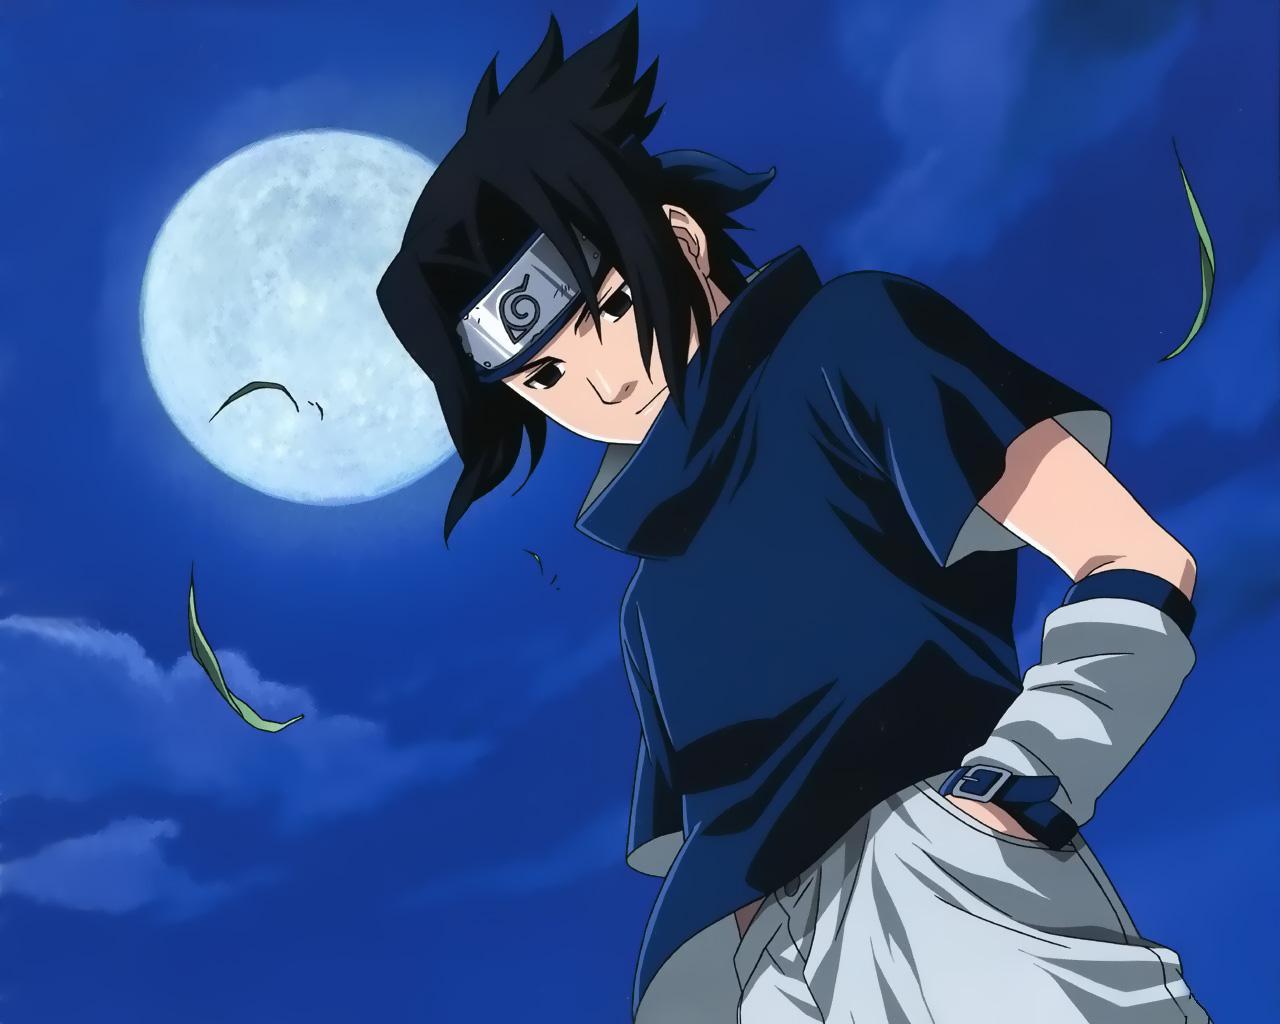 http://4.bp.blogspot.com/_Zn1wxh0BfmY/S_MDqo3g5cI/AAAAAAAAAJI/prG8gYU3IK0/s1600/uchiha-sasuke-wall.jpg